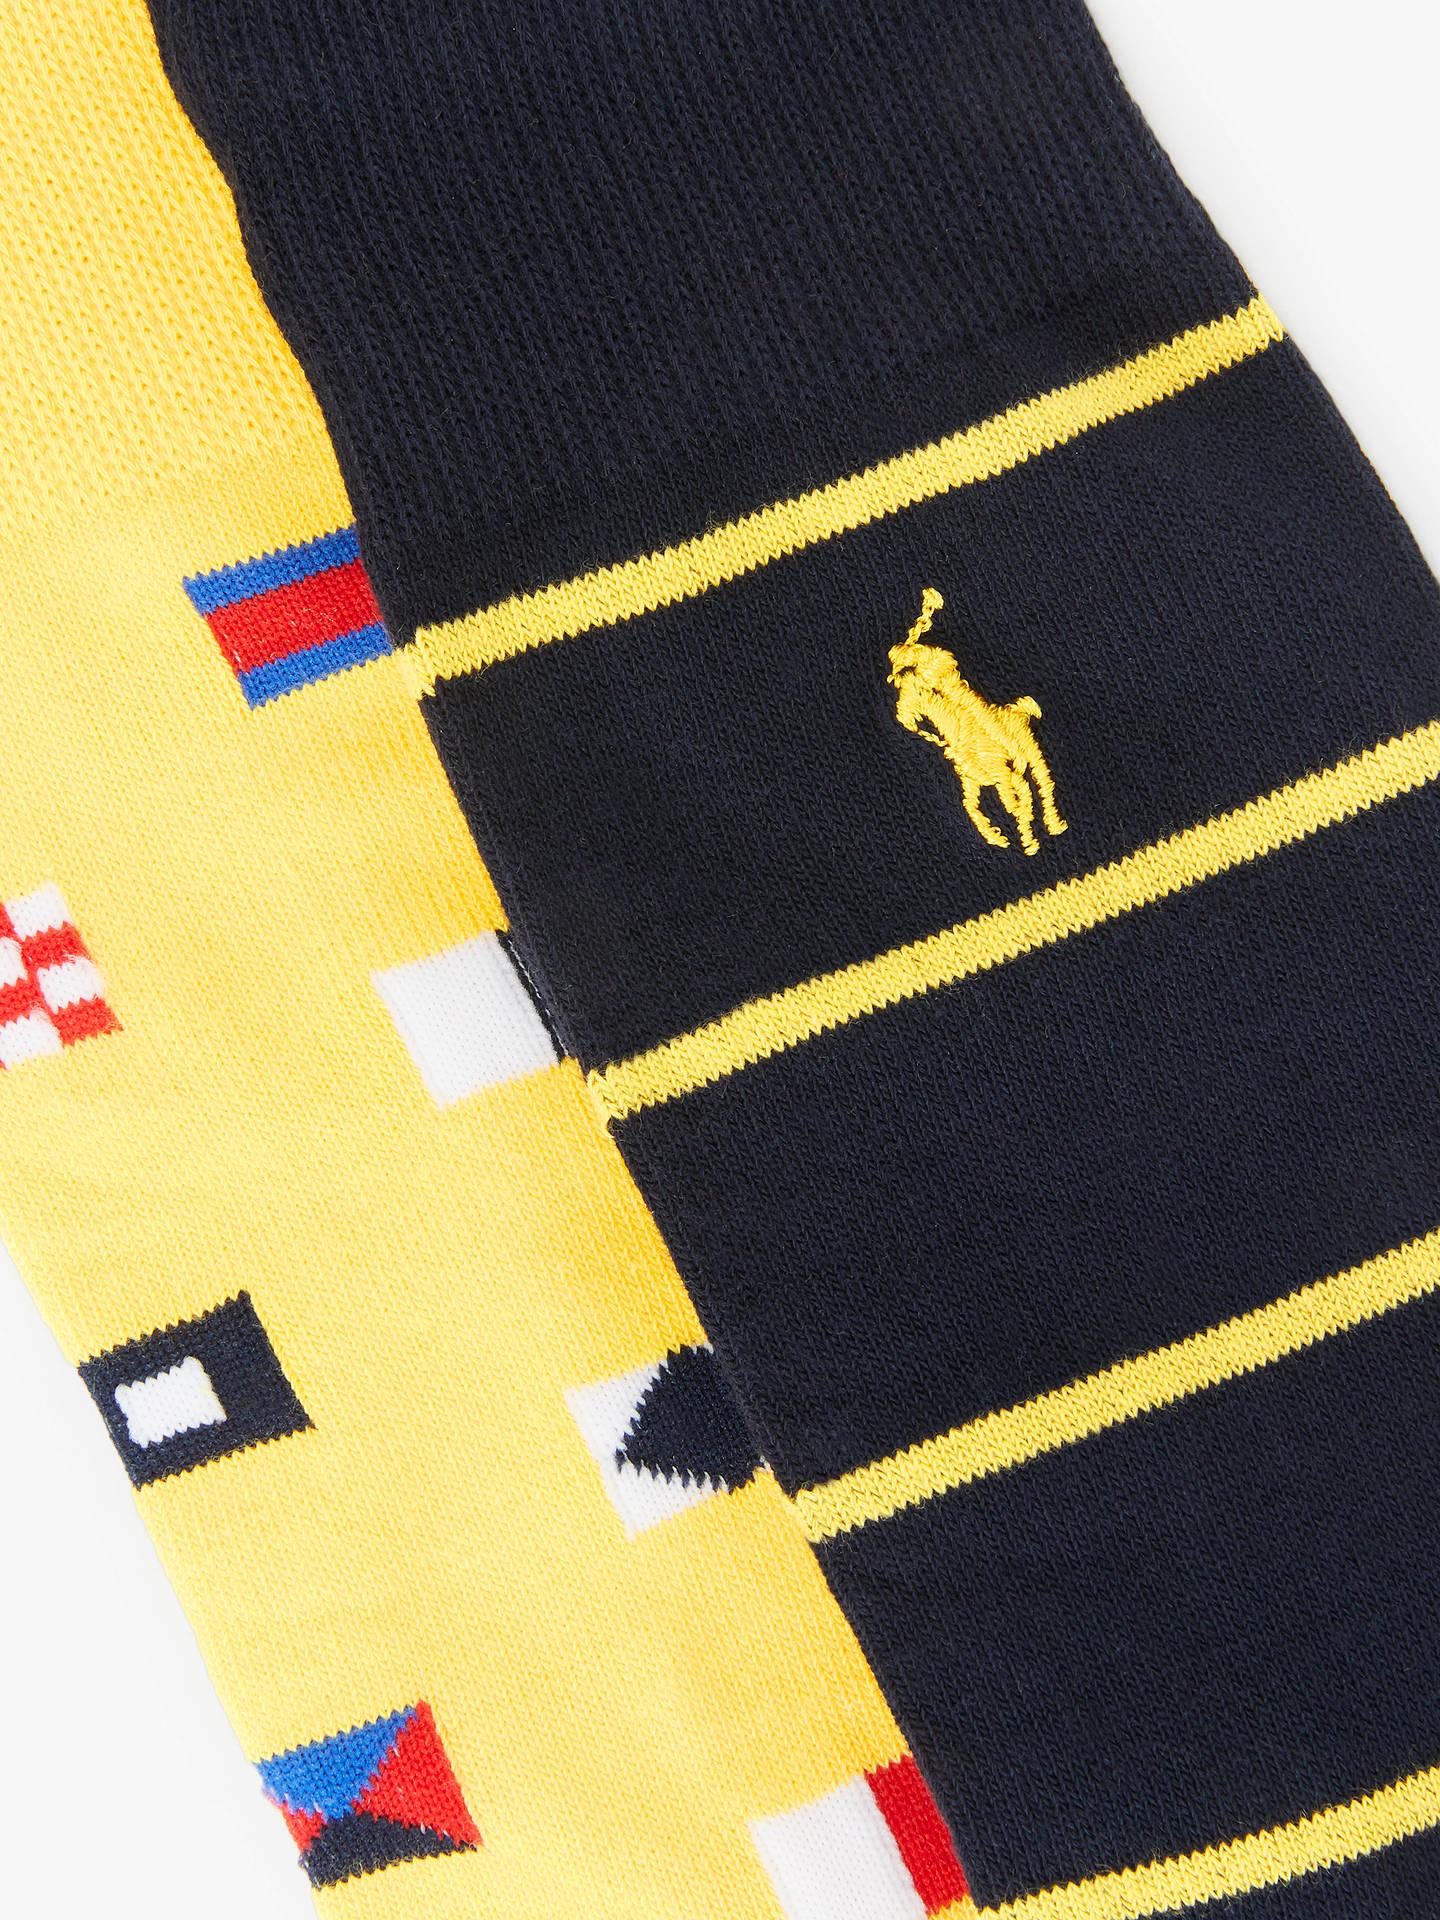 9d634b9ba1 Polo Ralph Lauren Flag Stripe Mercerised Cotton Blend Socks, Pack of ...